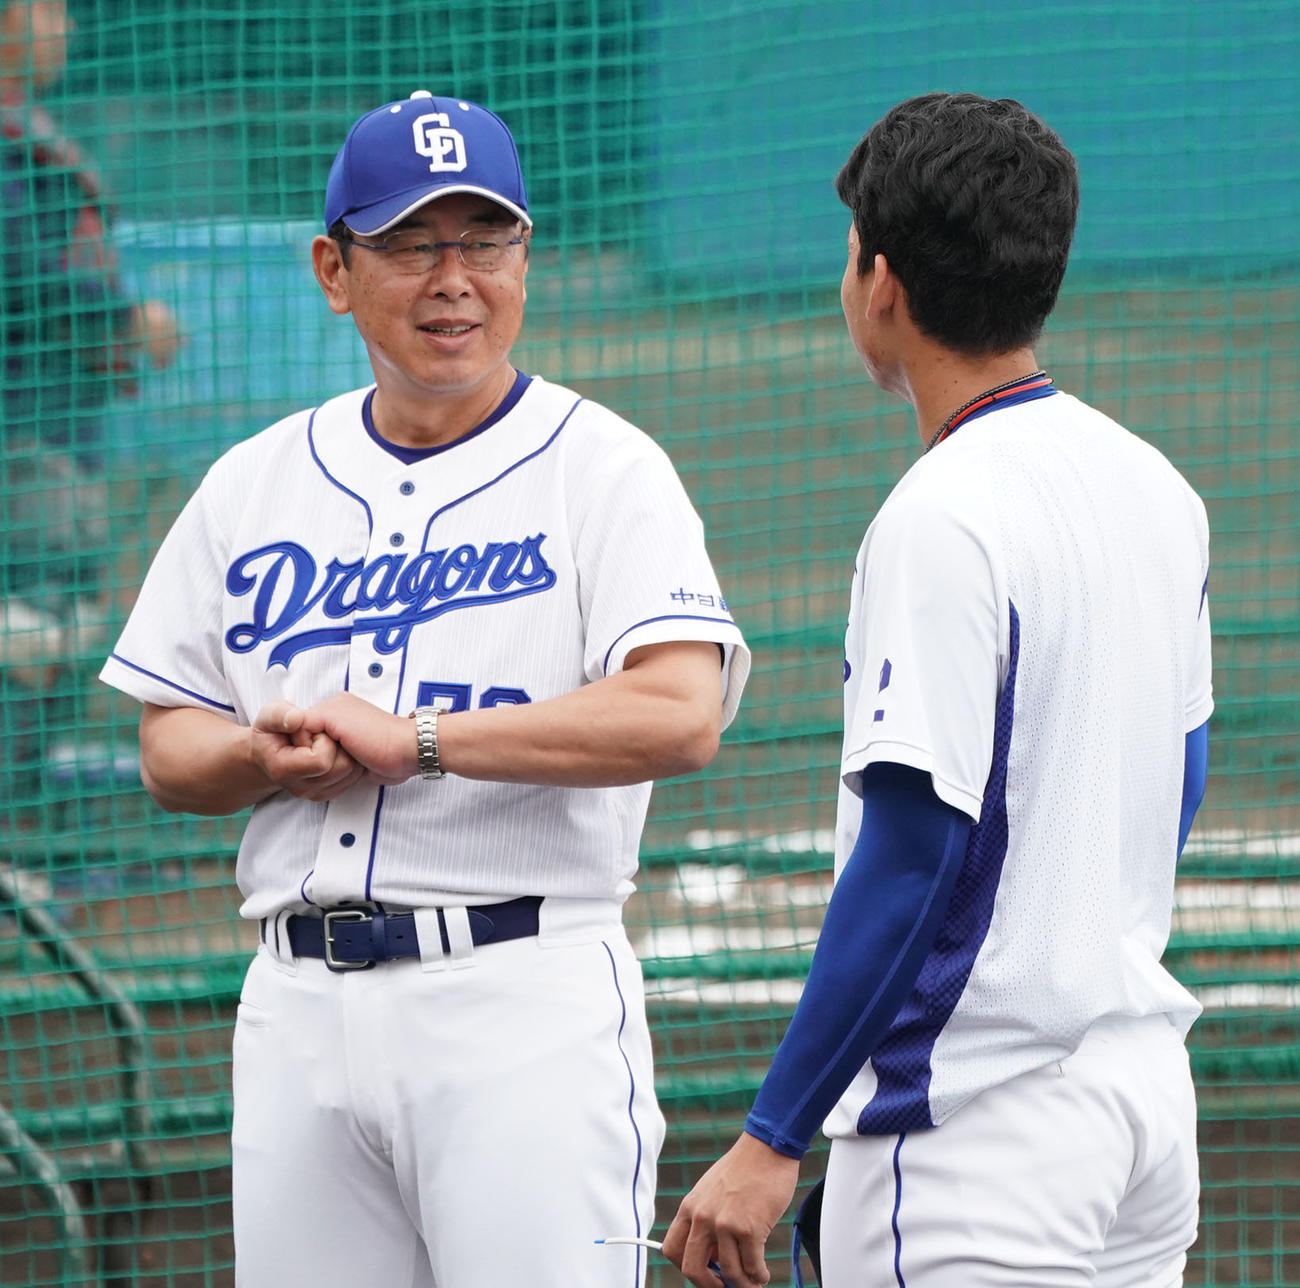 27日、石川昂(右)と話をする仁村2軍監督